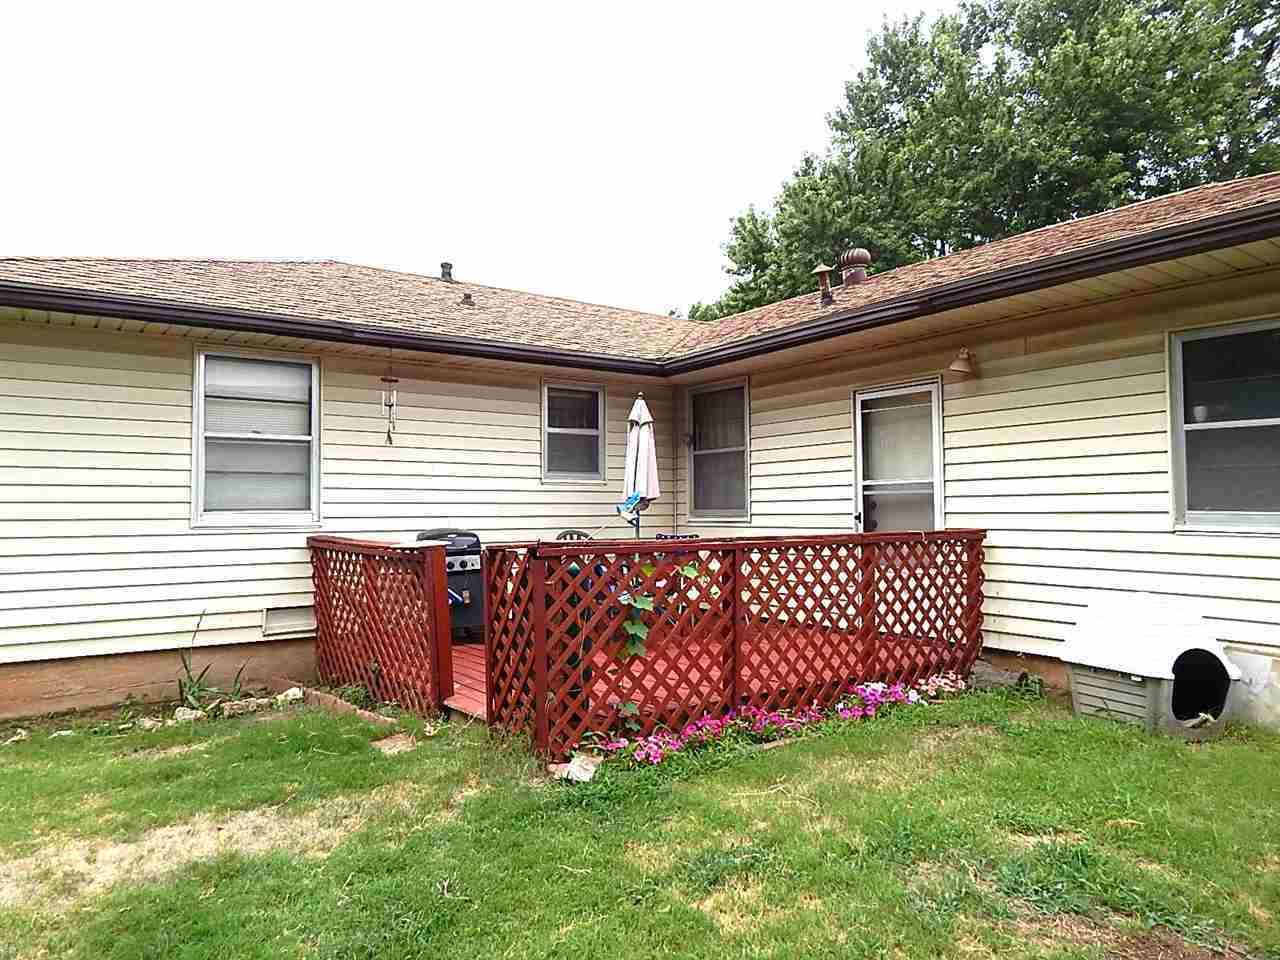 Sold Intraoffice W/MLS | 2033 N 7 Ponca City, OK 74601 12